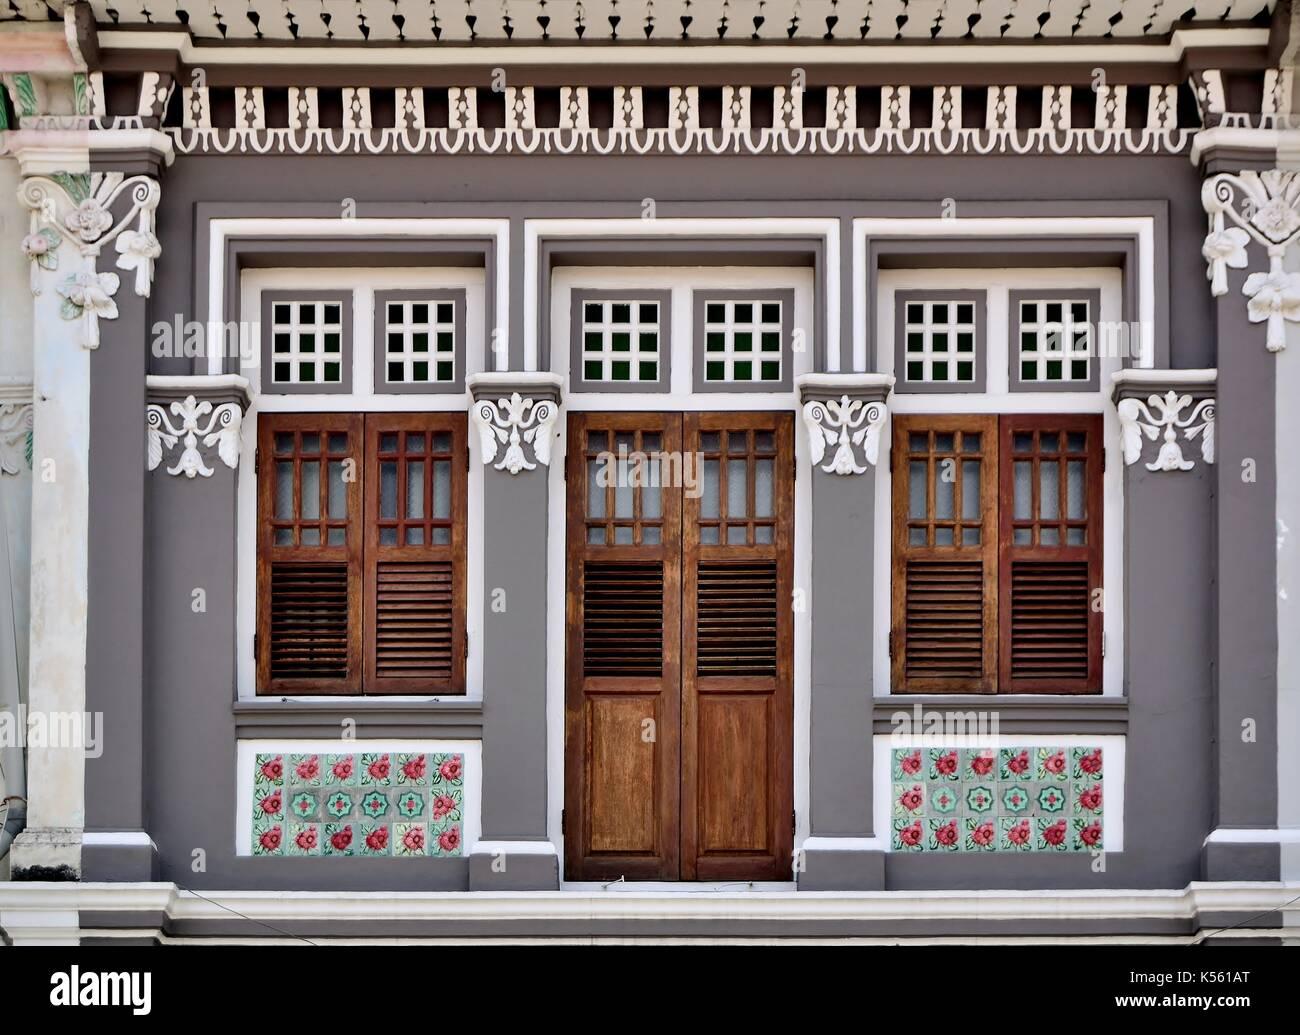 Case Con Persiane Grigie : Negozio tradizionale esterno della casa con legno marrone persiane